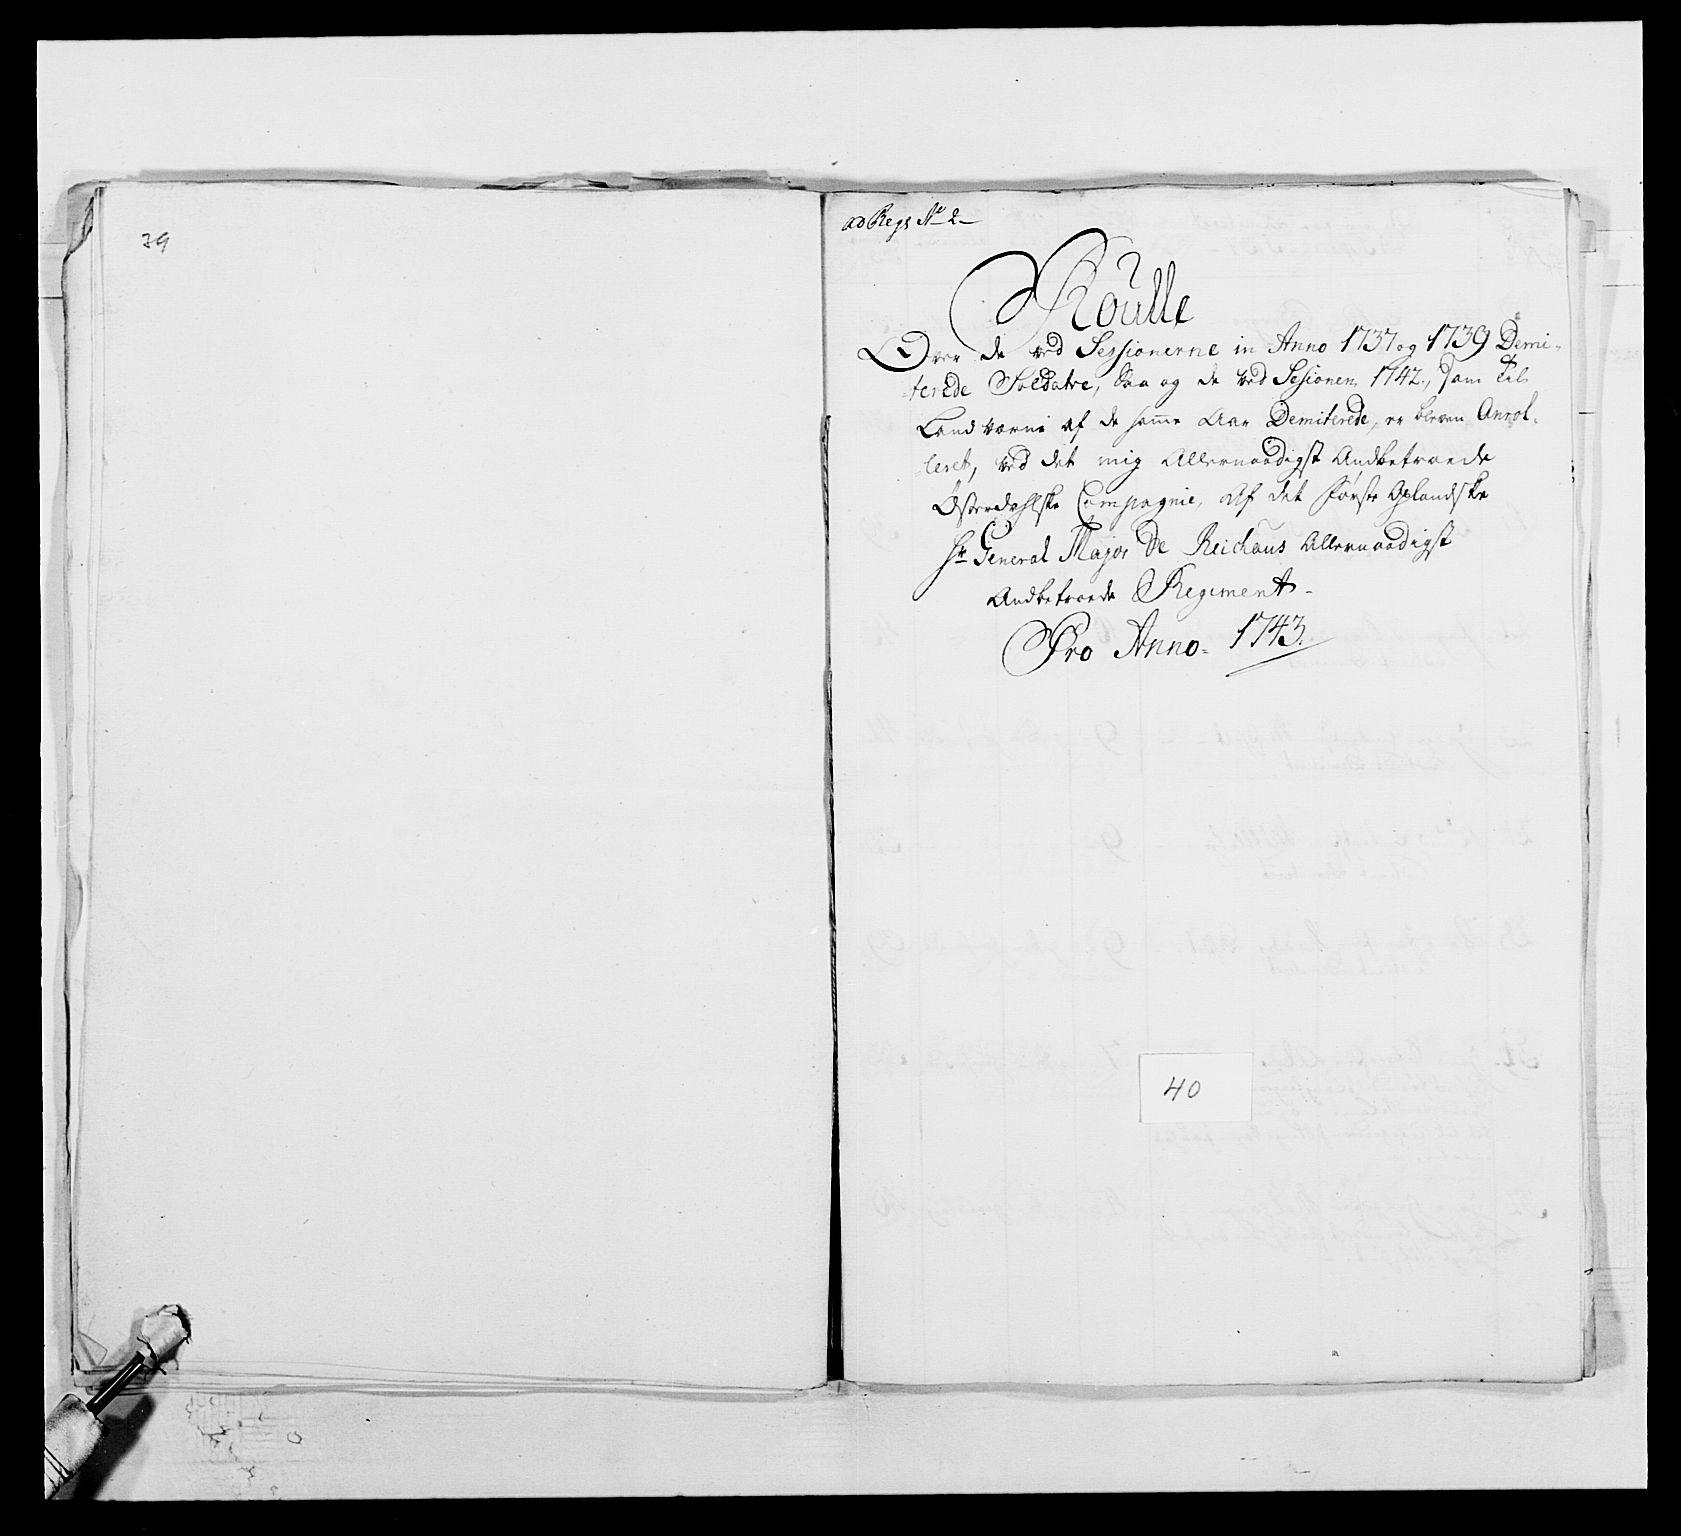 RA, Kommanderende general (KG I) med Det norske krigsdirektorium, E/Ea/L0502: 1. Opplandske regiment, 1720-1743, s. 496